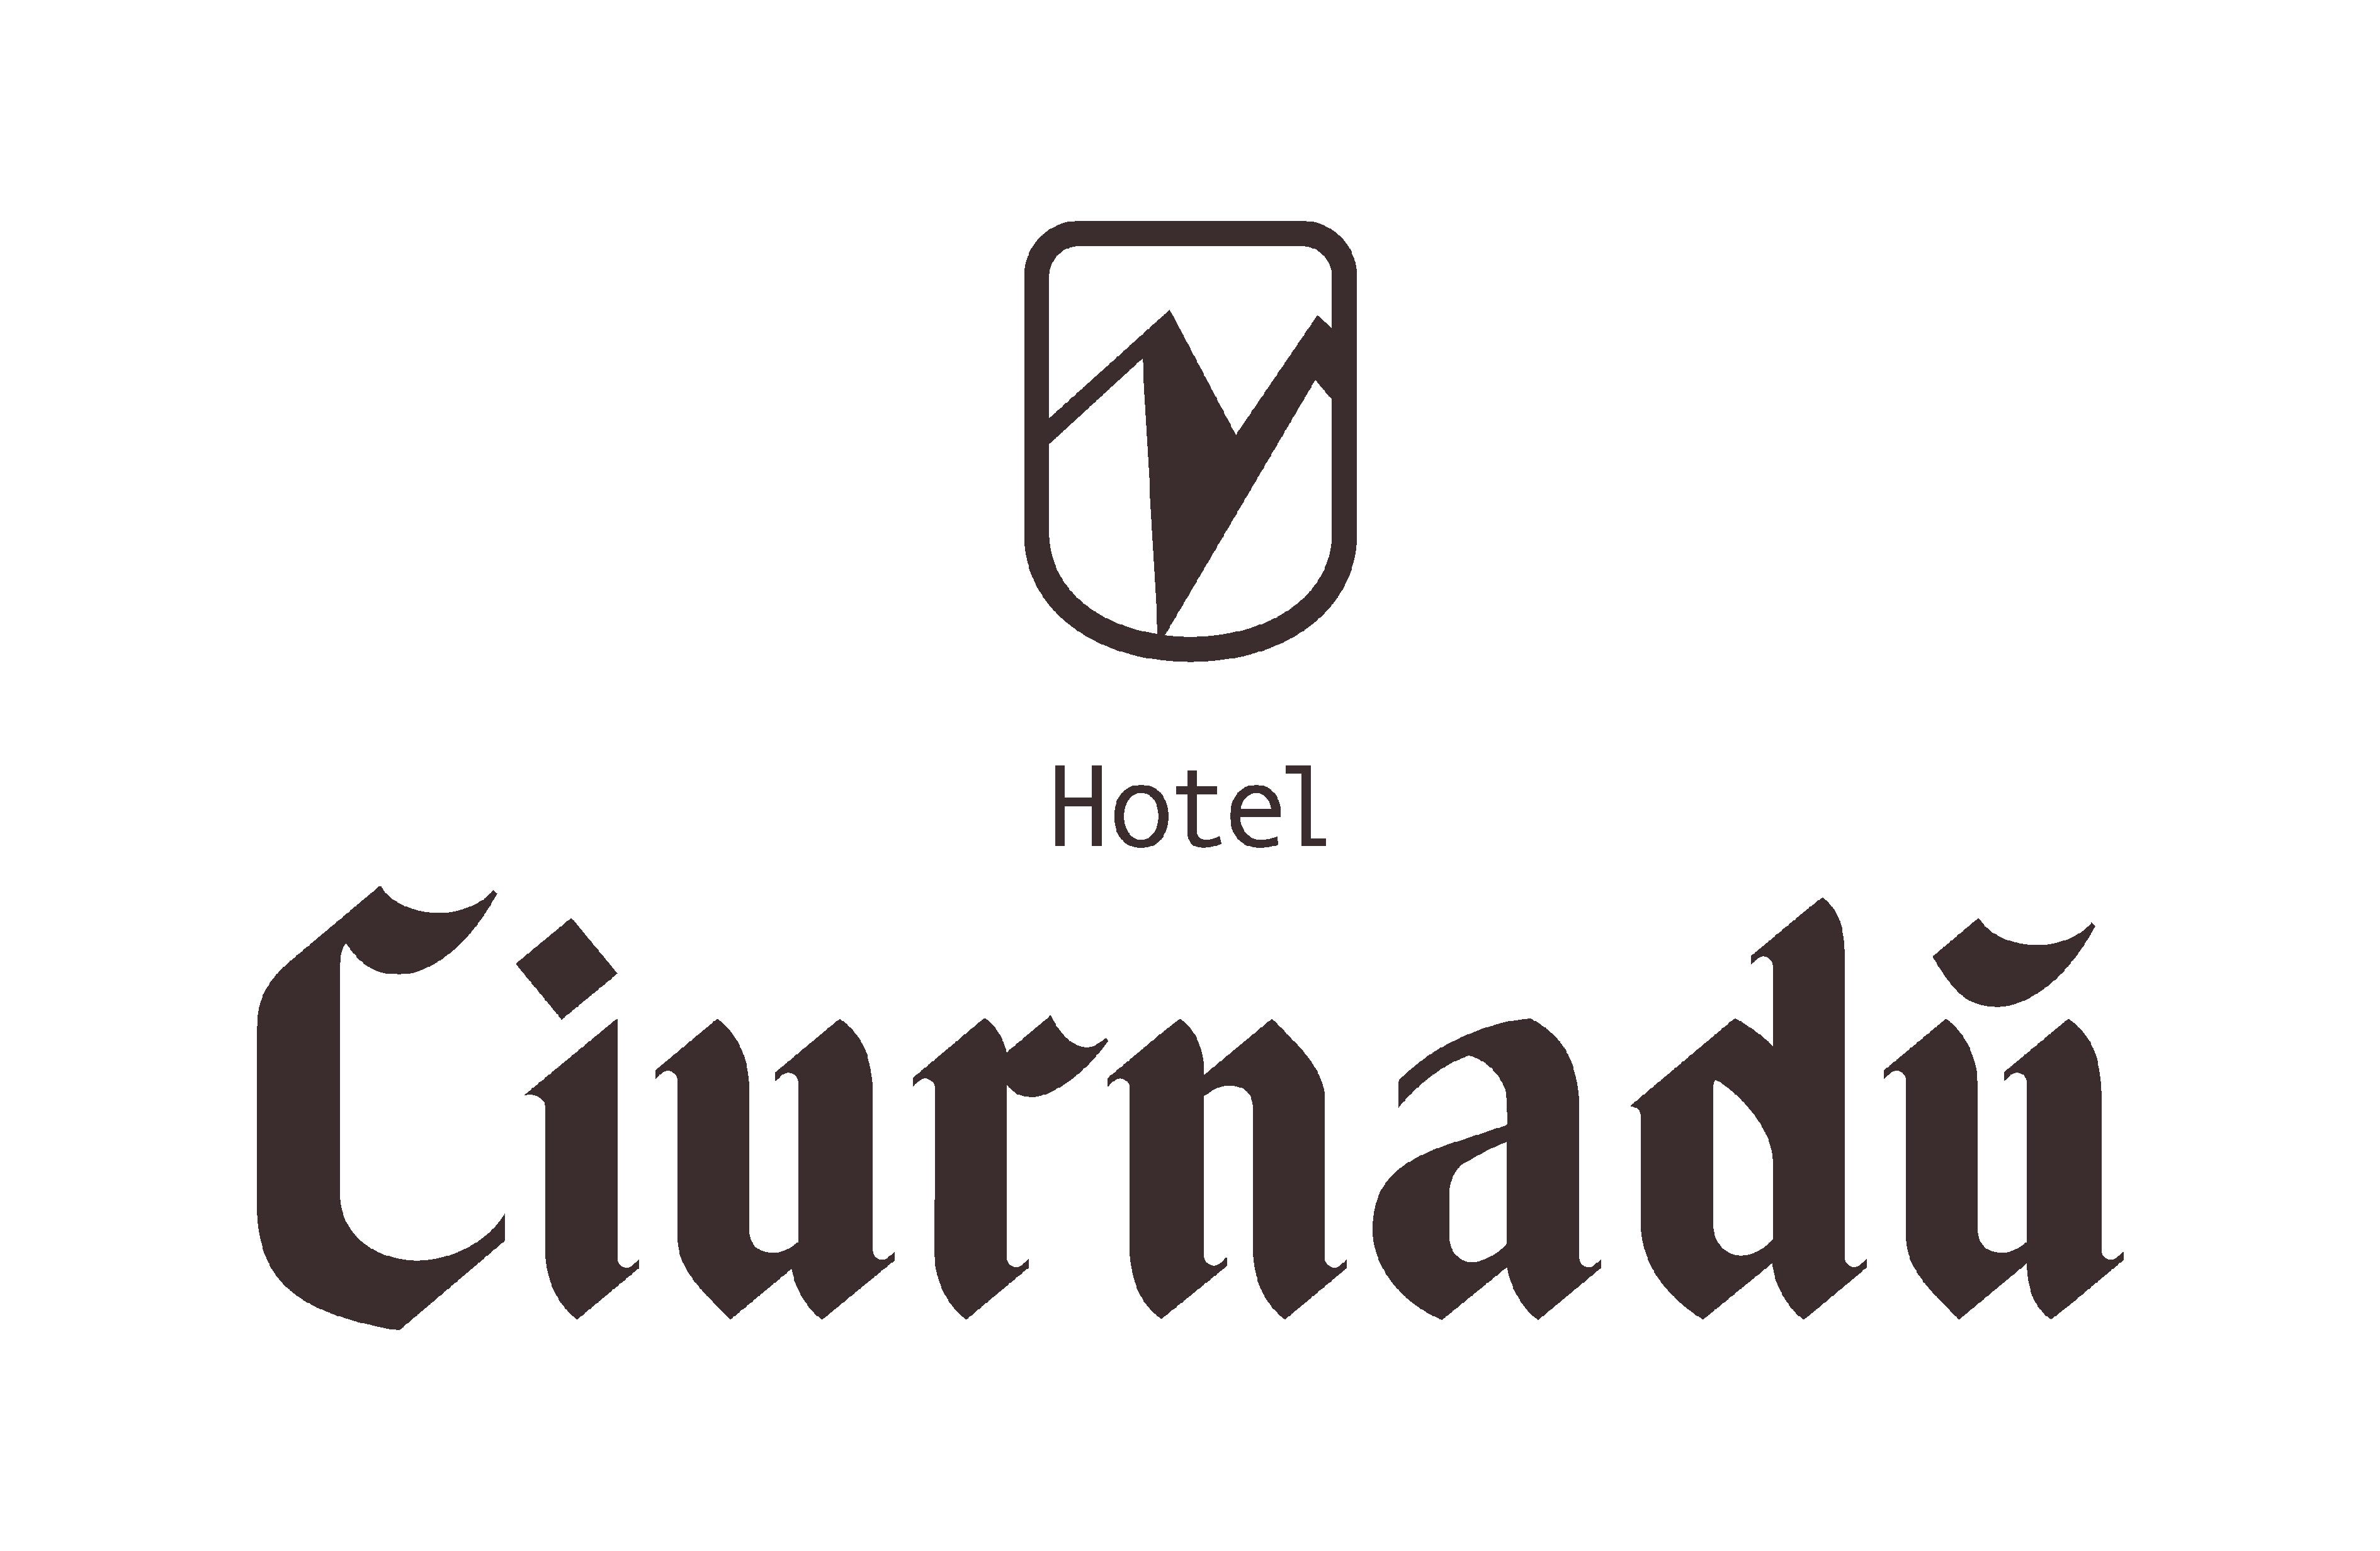 Logo Gasthof Ciurnadú